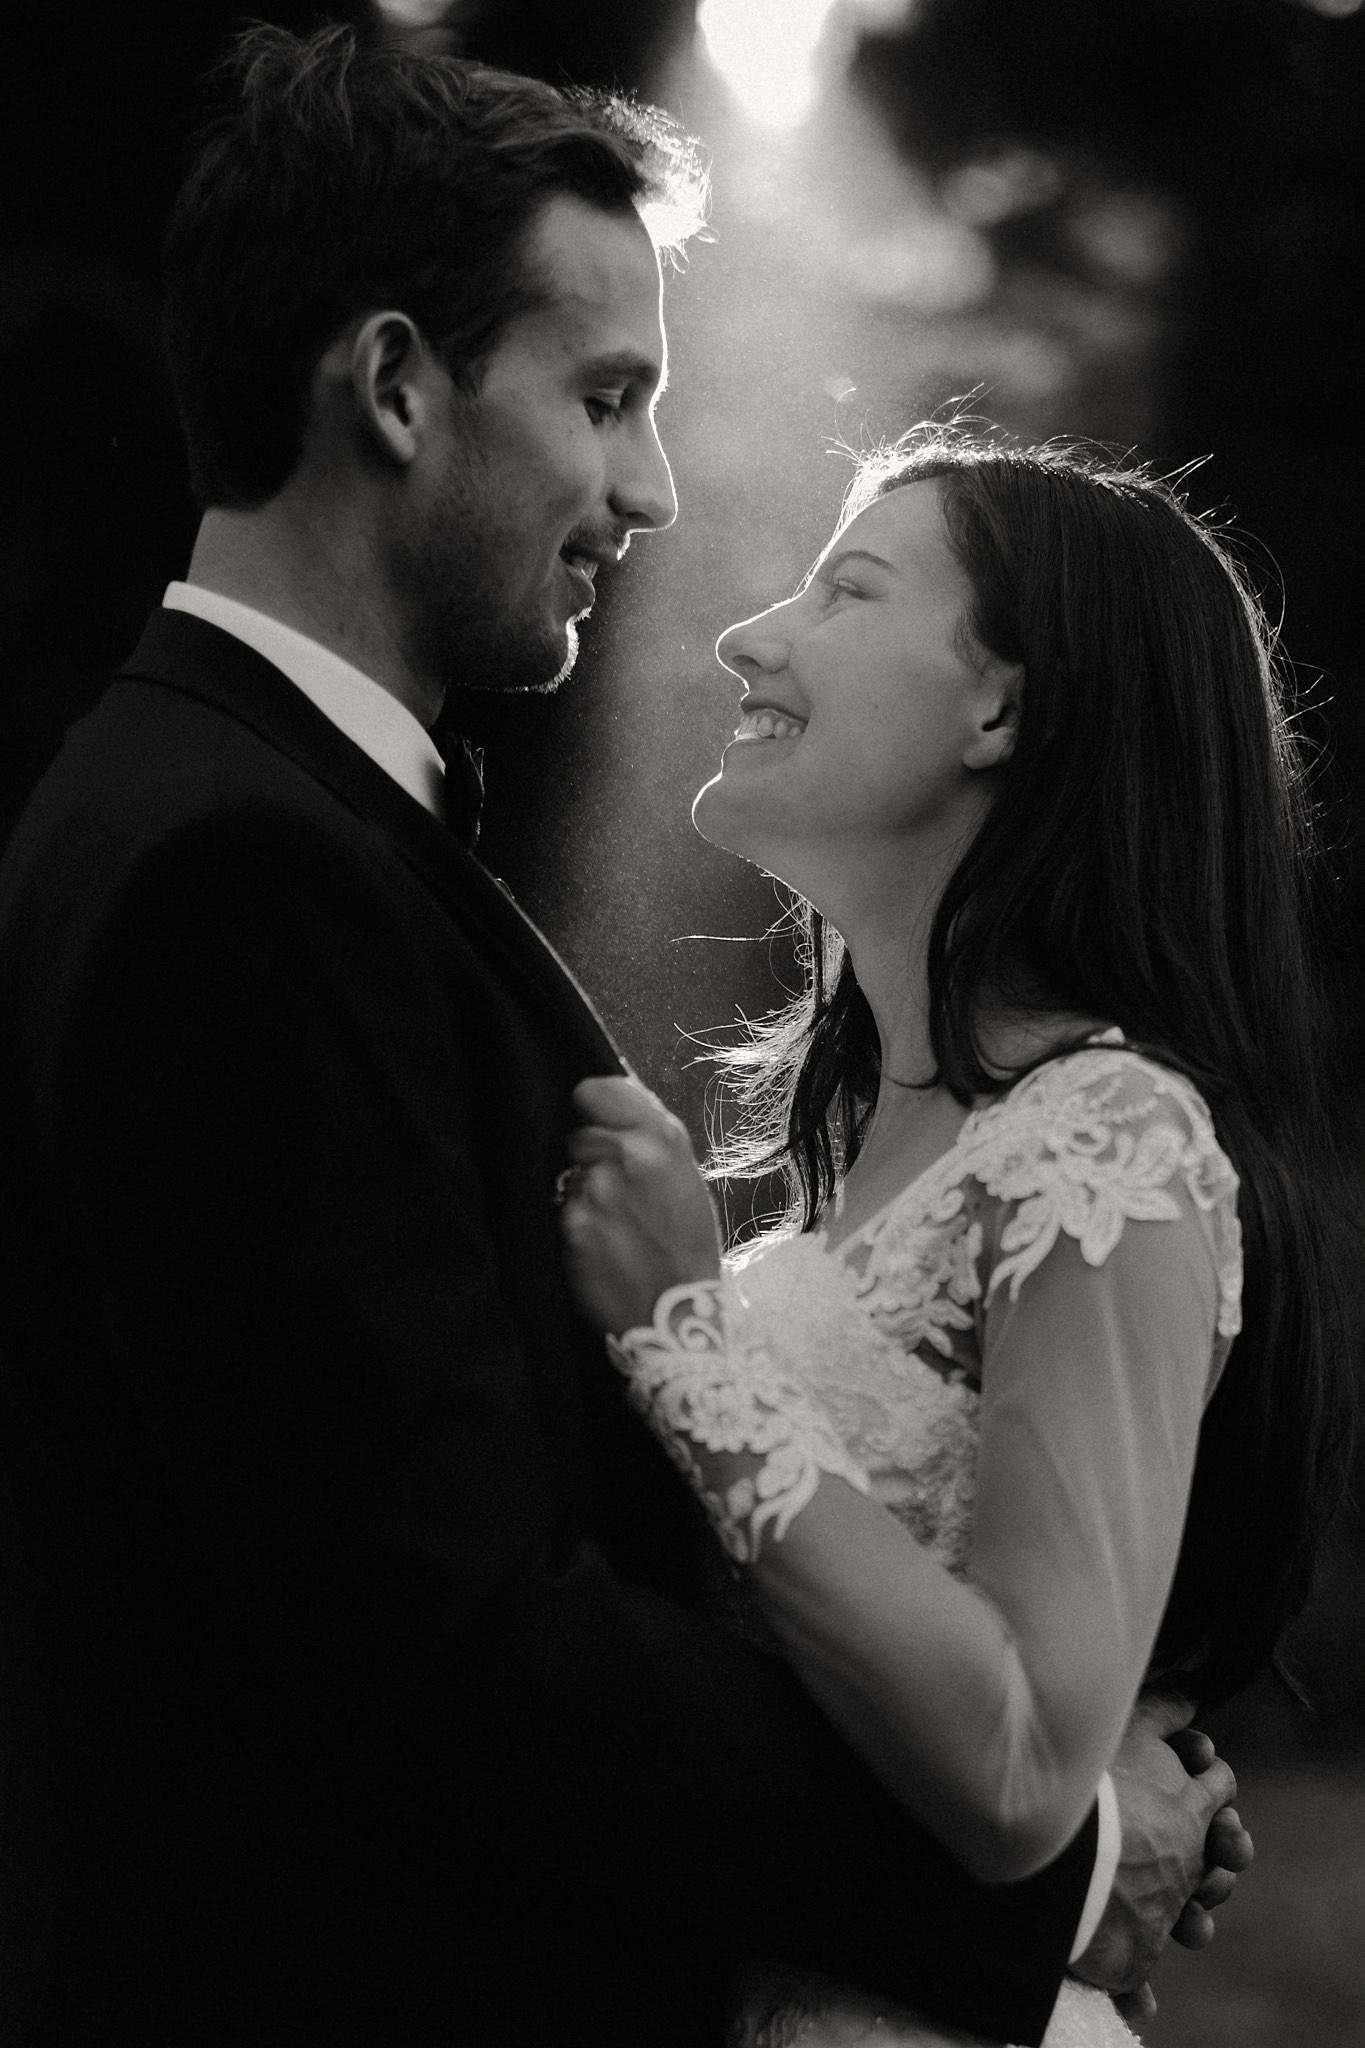 mindy-michael-cascade-mountains-elopement-wedding-53.jpg